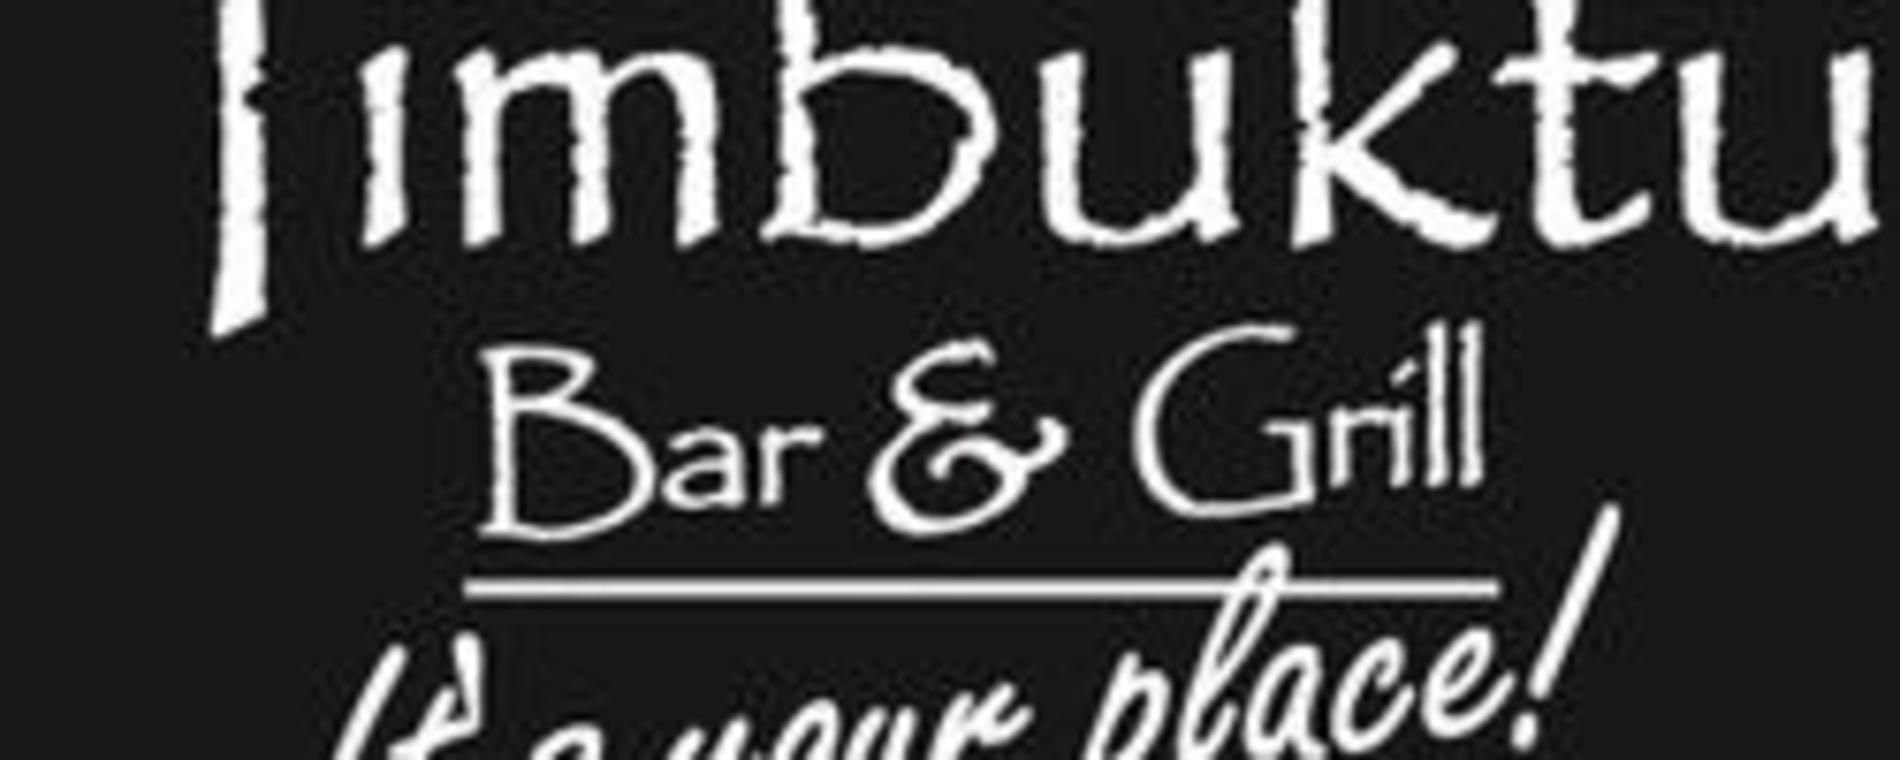 Timbukto